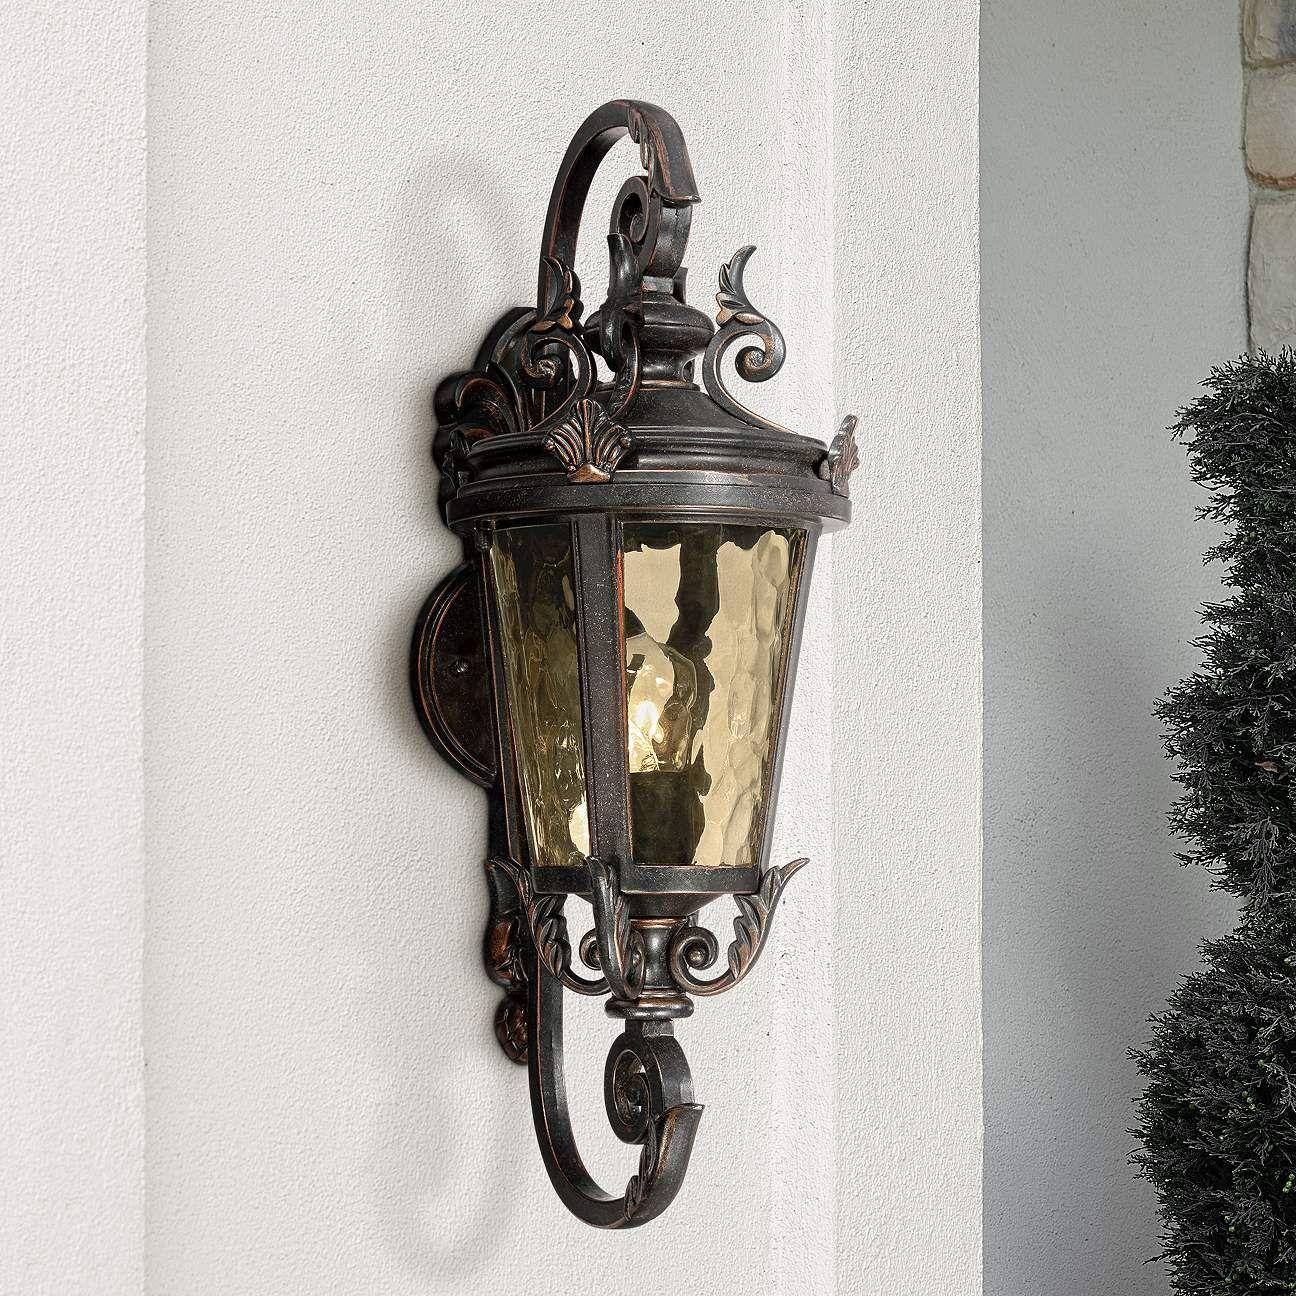 Casa Marseille 19 High Bronze Outdoor Wall Light X0328 Lamps Plus In 2021 Outdoor Wall Light Fixtures Wall Lights Black Outdoor Wall Lights